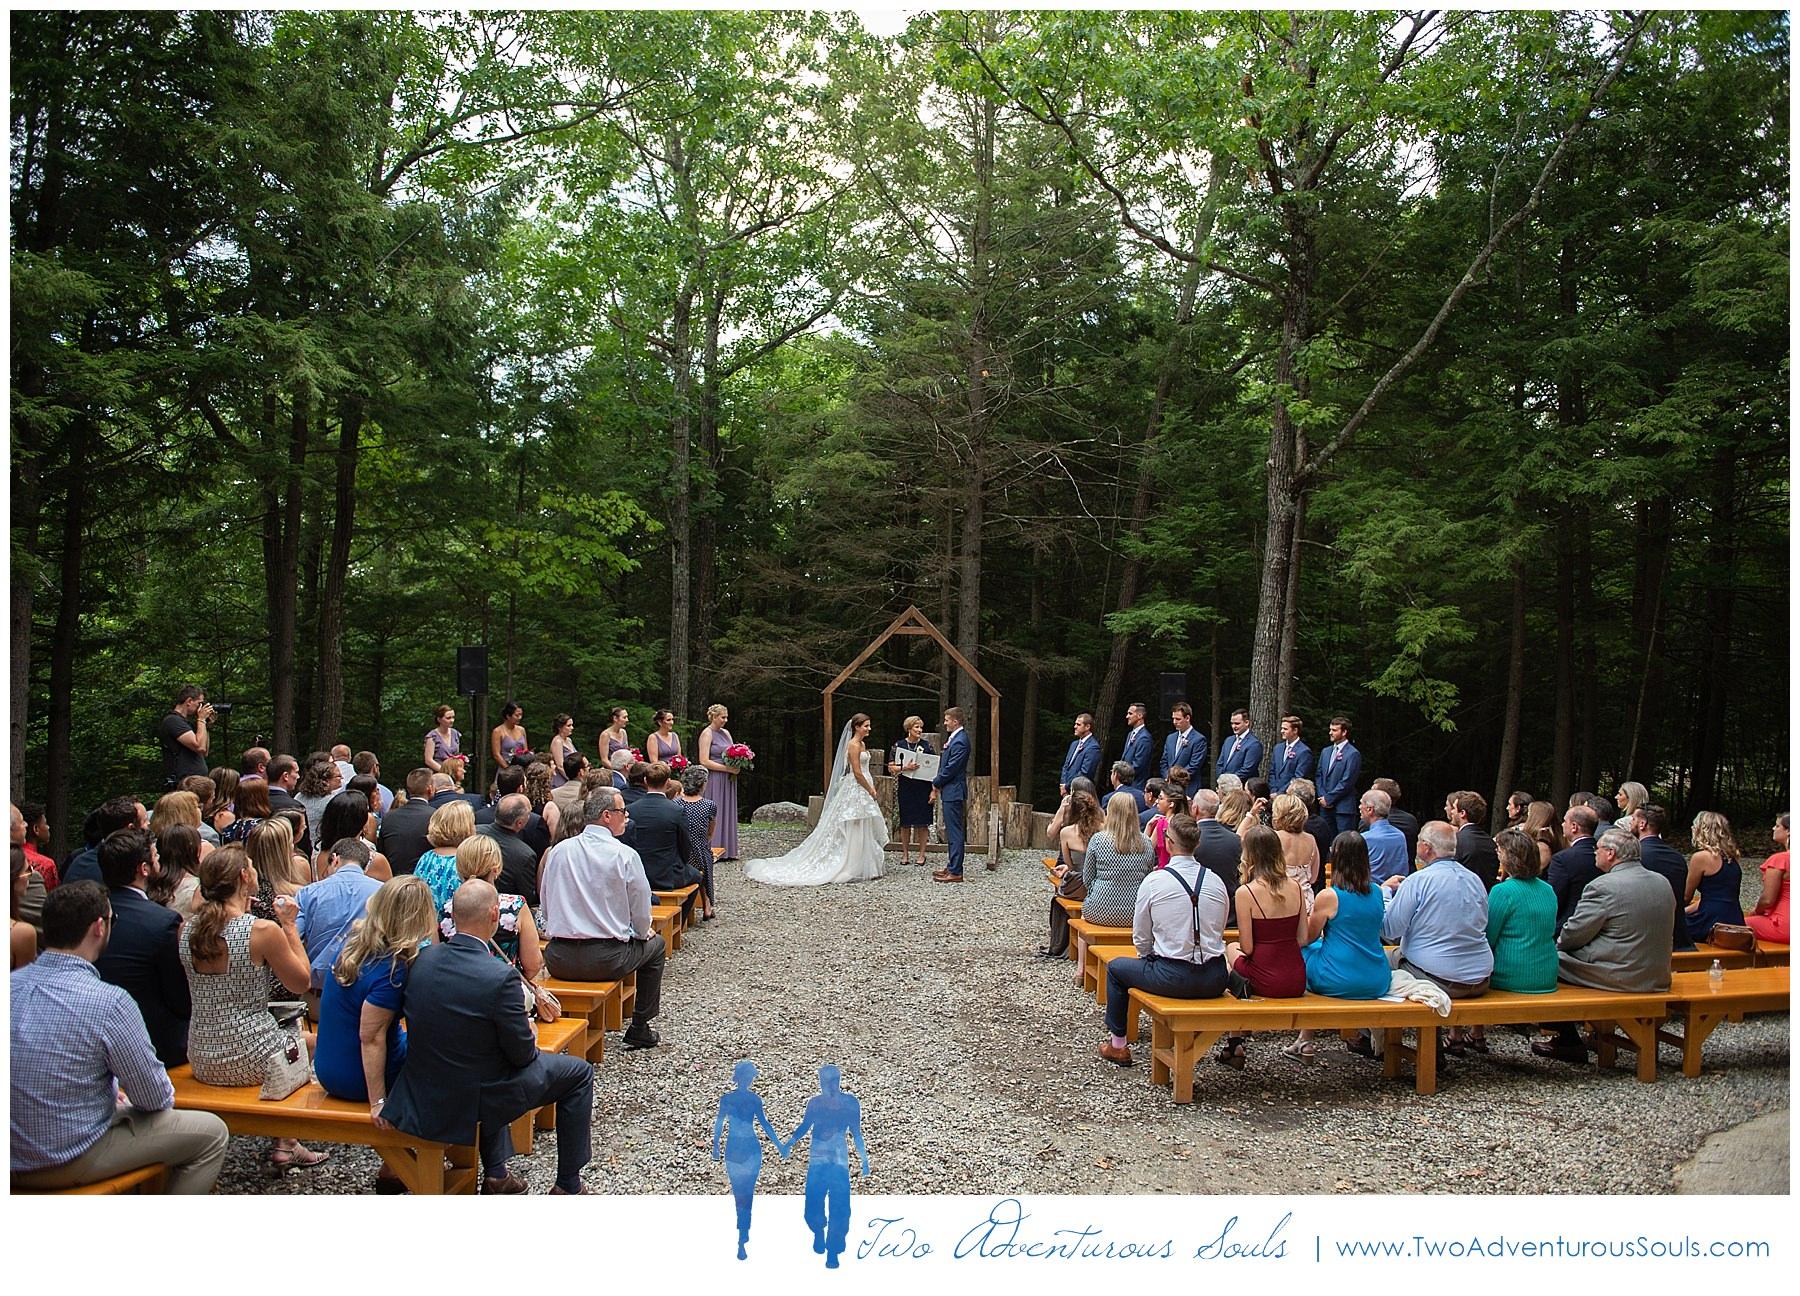 Maine Wedding Photographers, Granite Ridge Estate Wedding Photographers, Two Adventurous Souls - 080319_0036.jpg